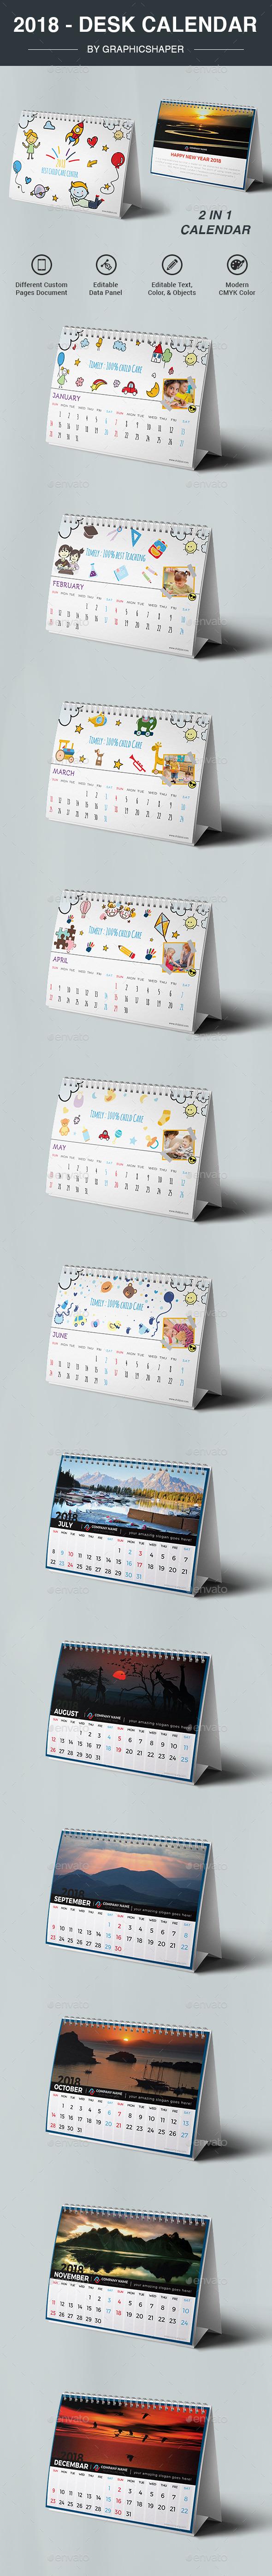 2018 Desk Calendar - Calendars Stationery